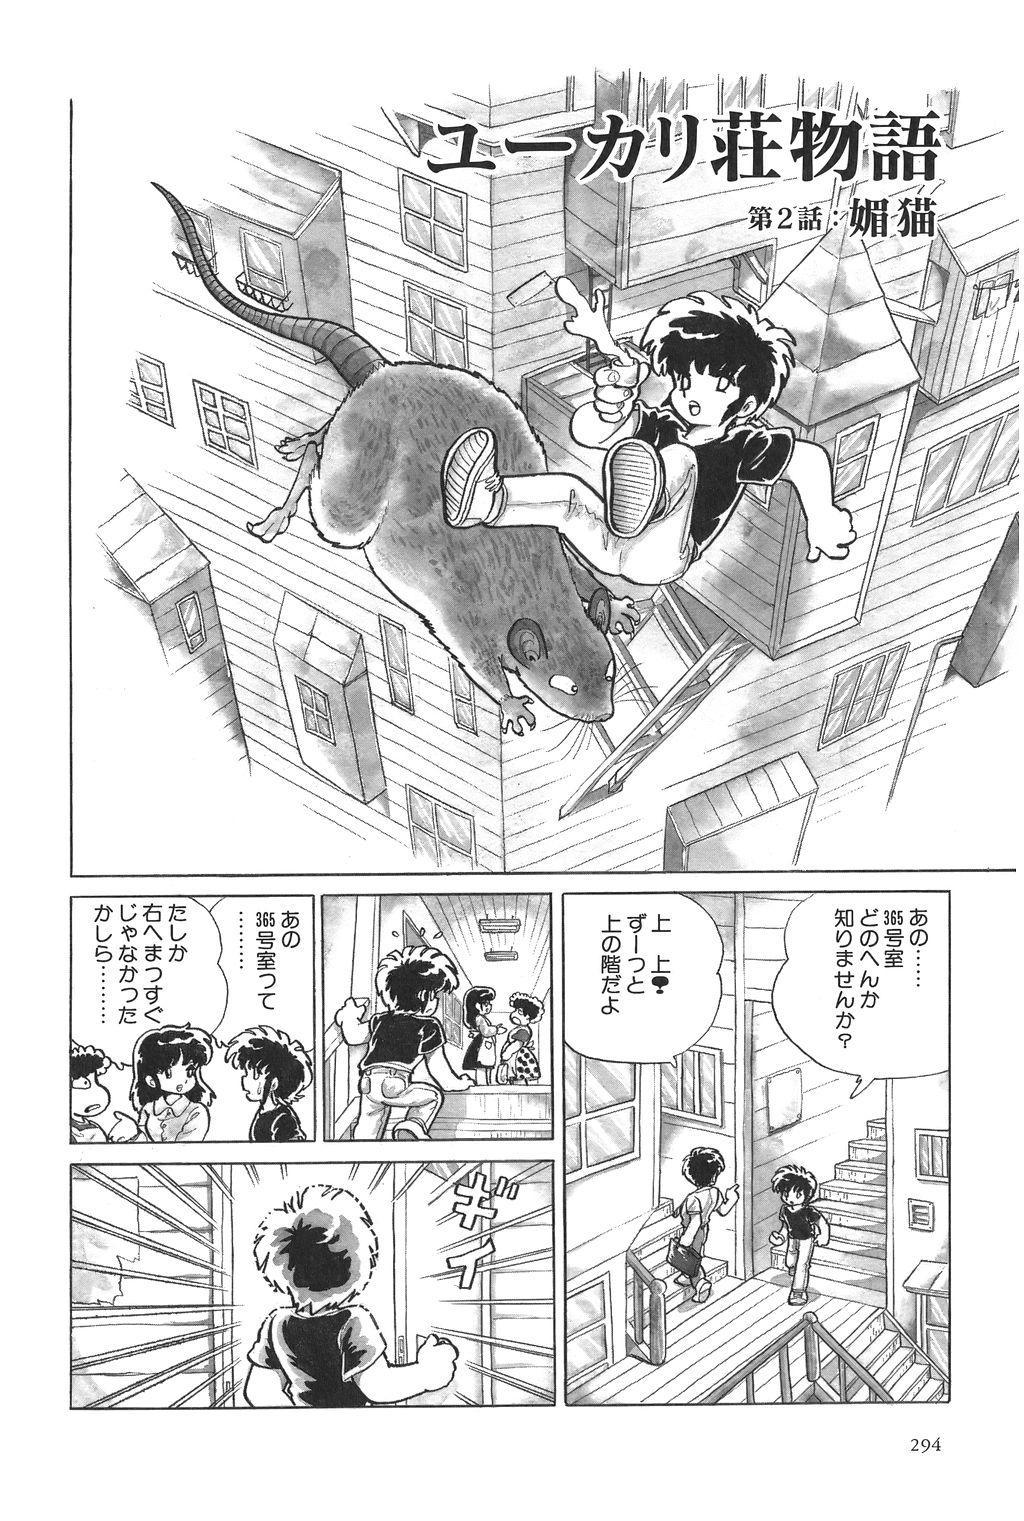 Azuma Hideo Sakuhin Shuusei - Yoru no Tobari no Naka de 295